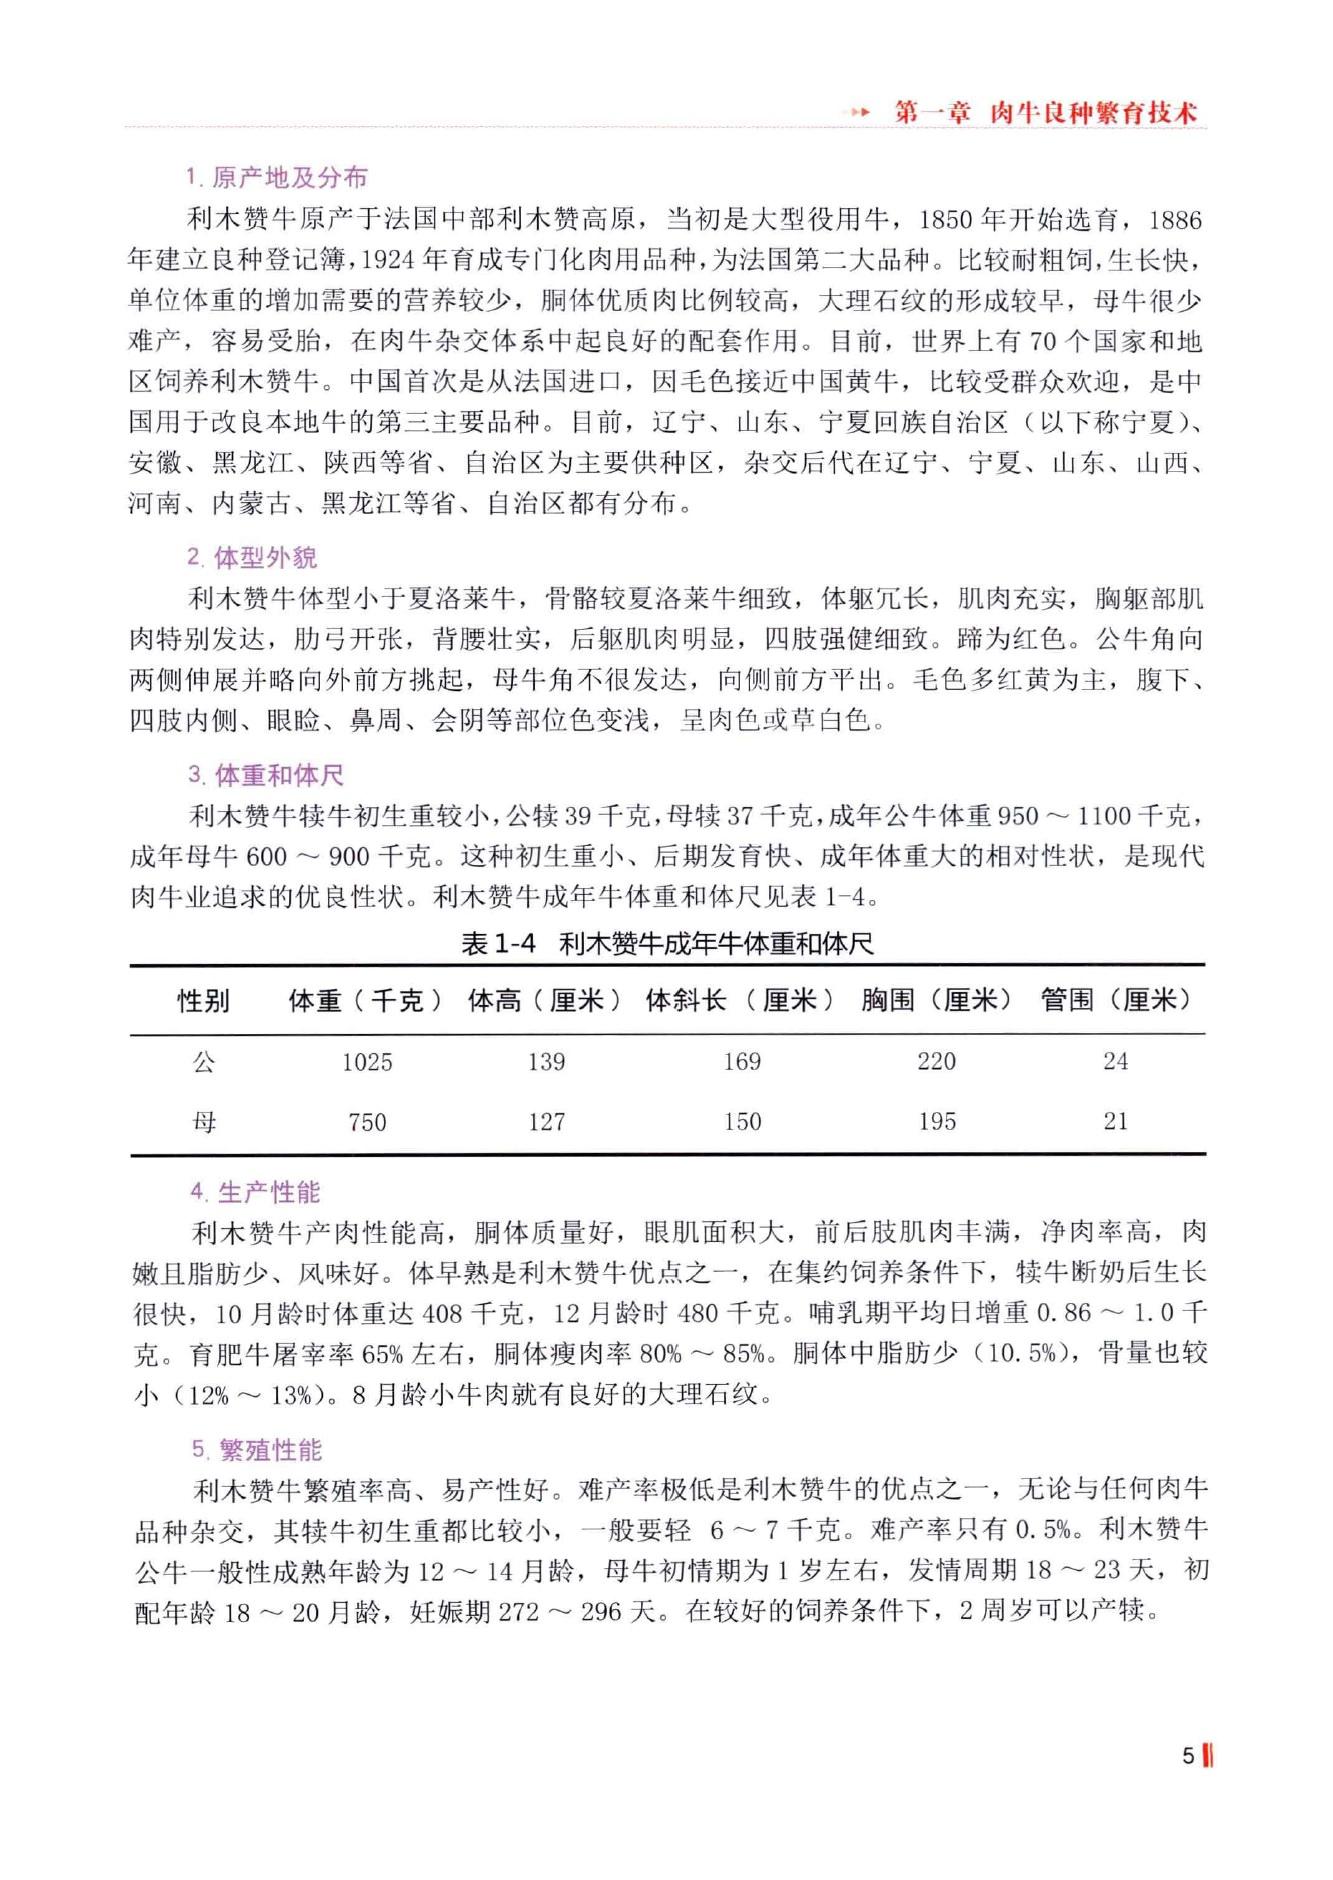 利木赞牛介绍及体重、体尺表